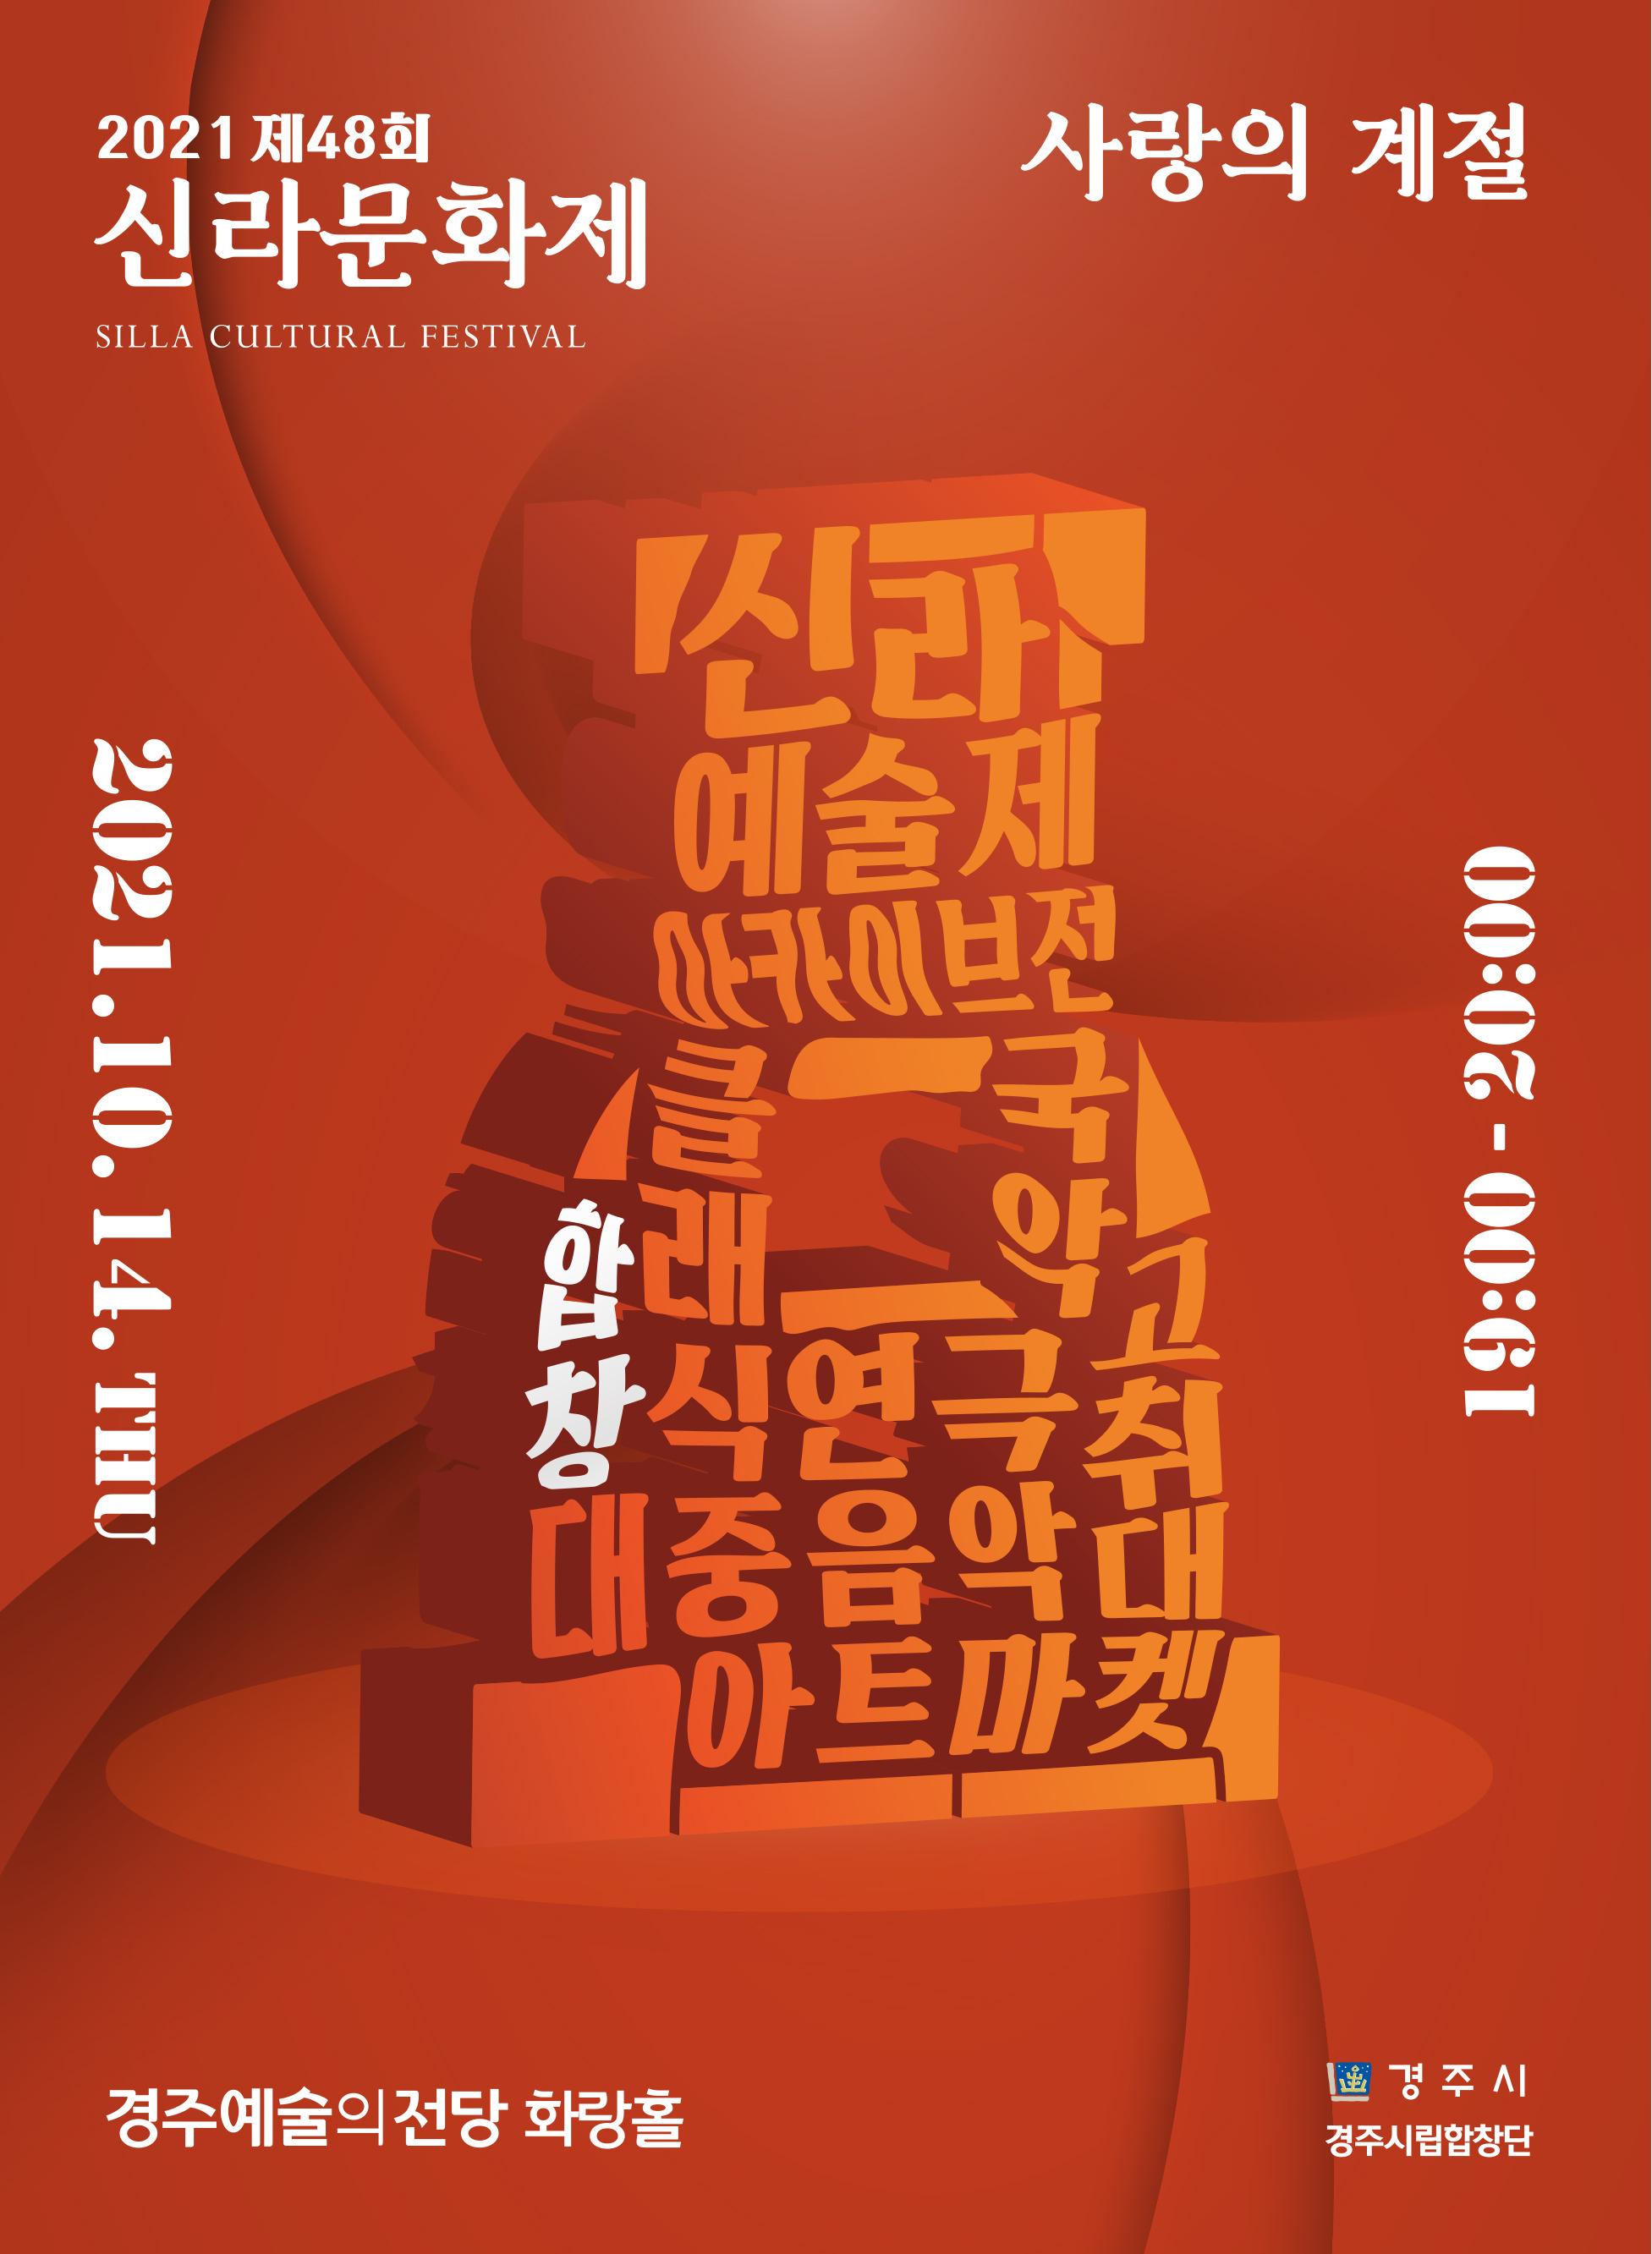 [비대면]2021 제 48회 신라문화제 합창 '사랑의 계절'